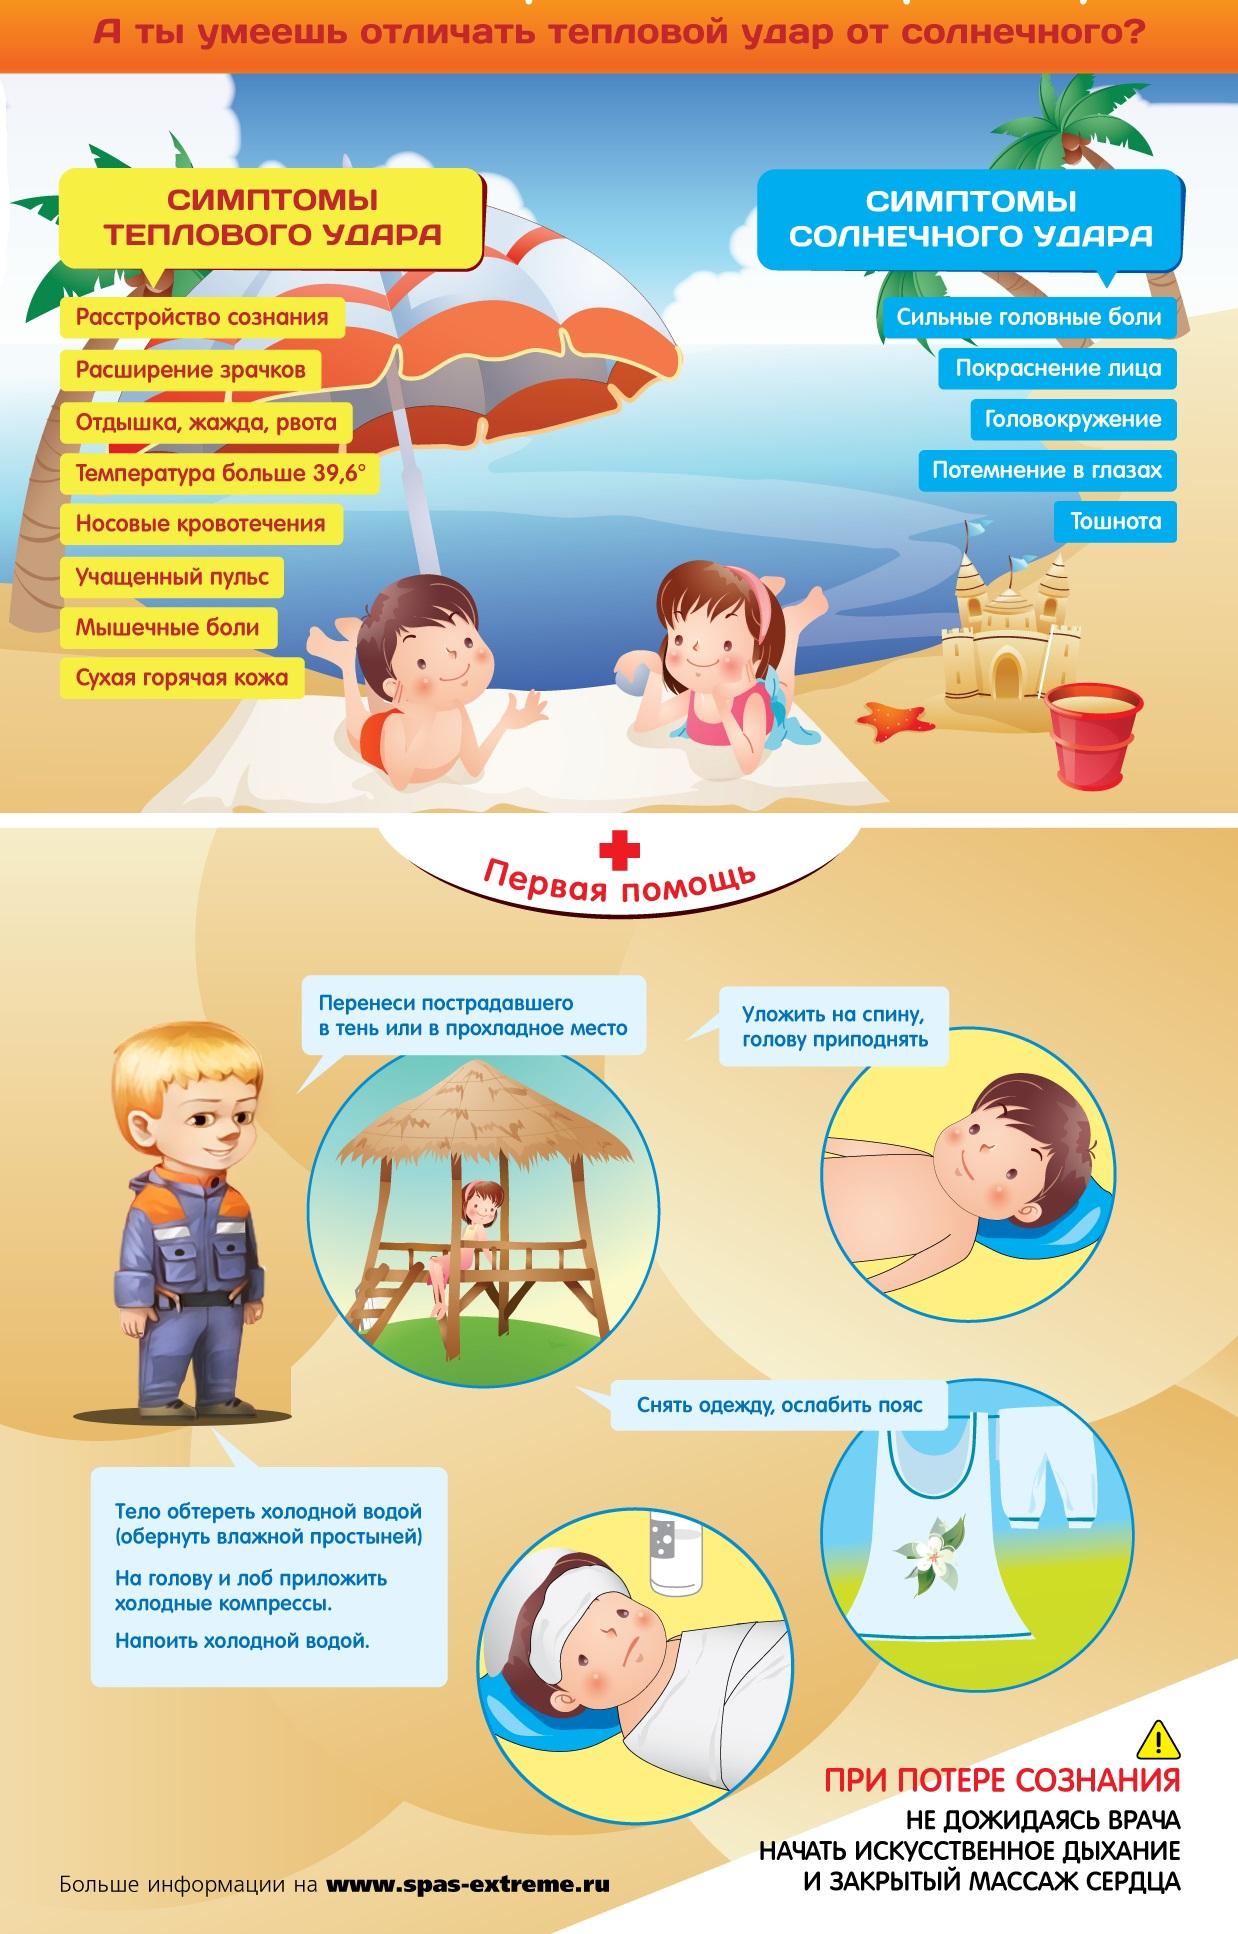 Перегрев ребенка: тепловой удар, симптомы и причины